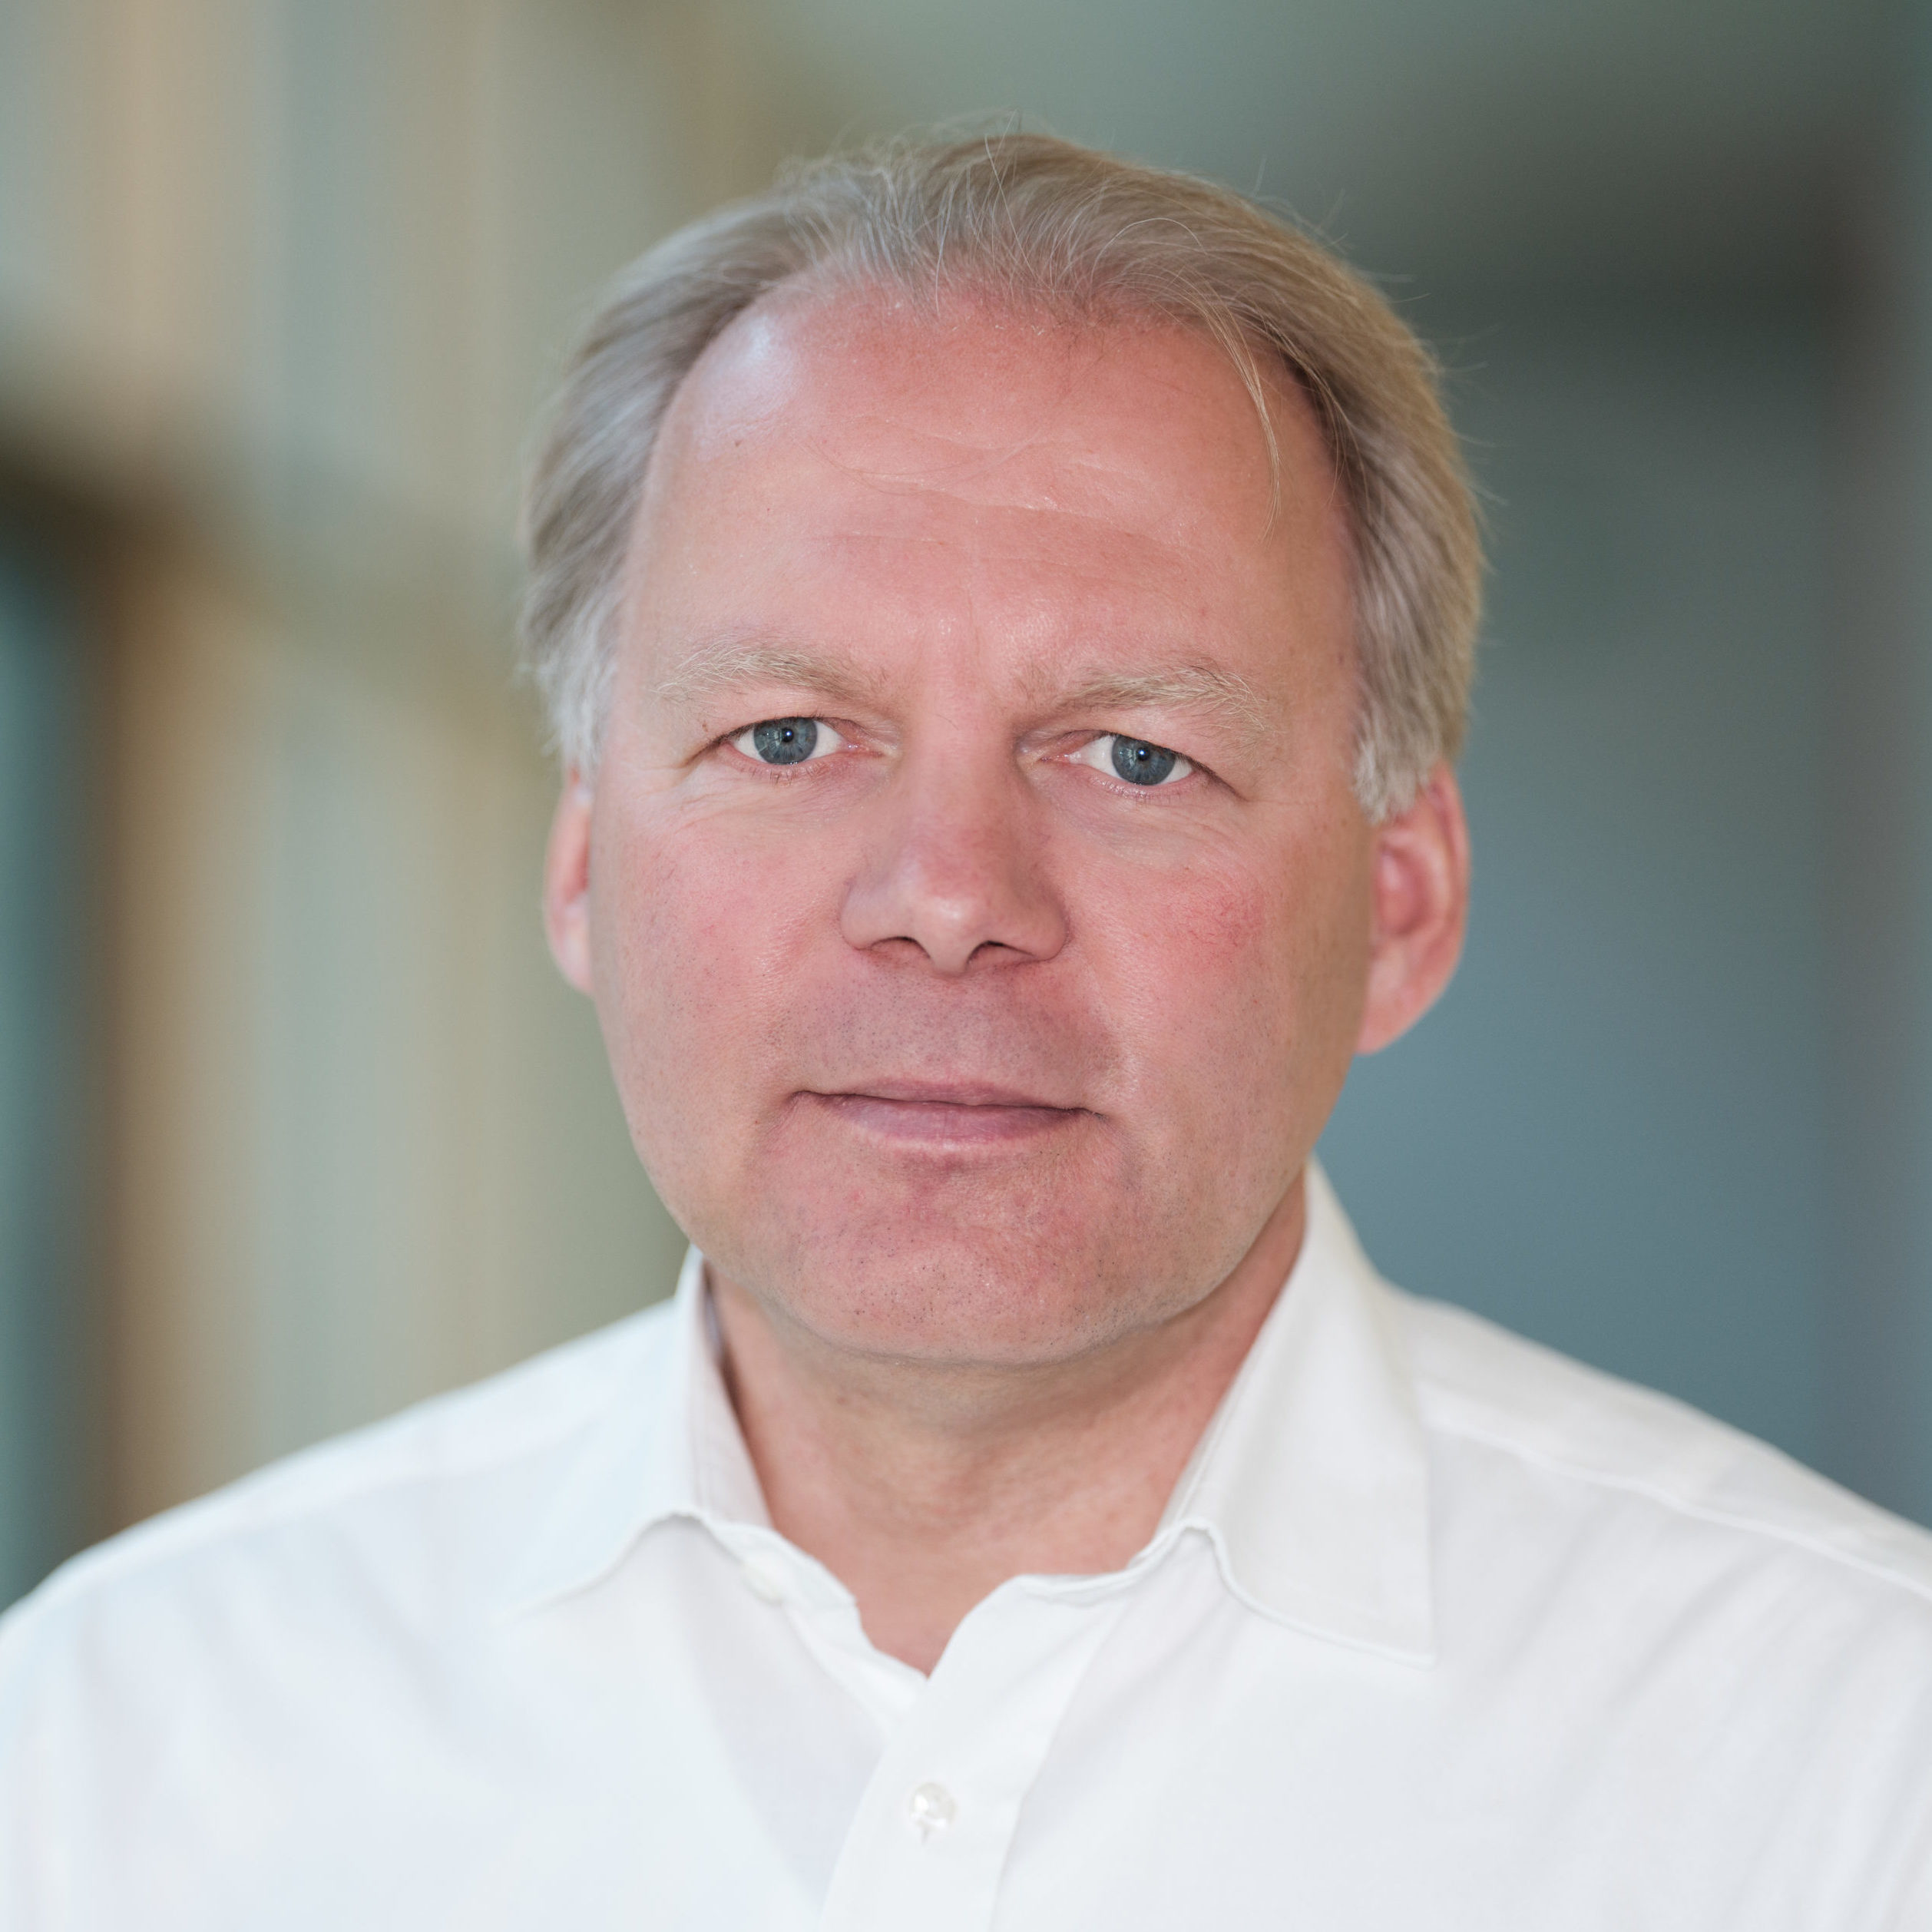 Dieter Uckelmann